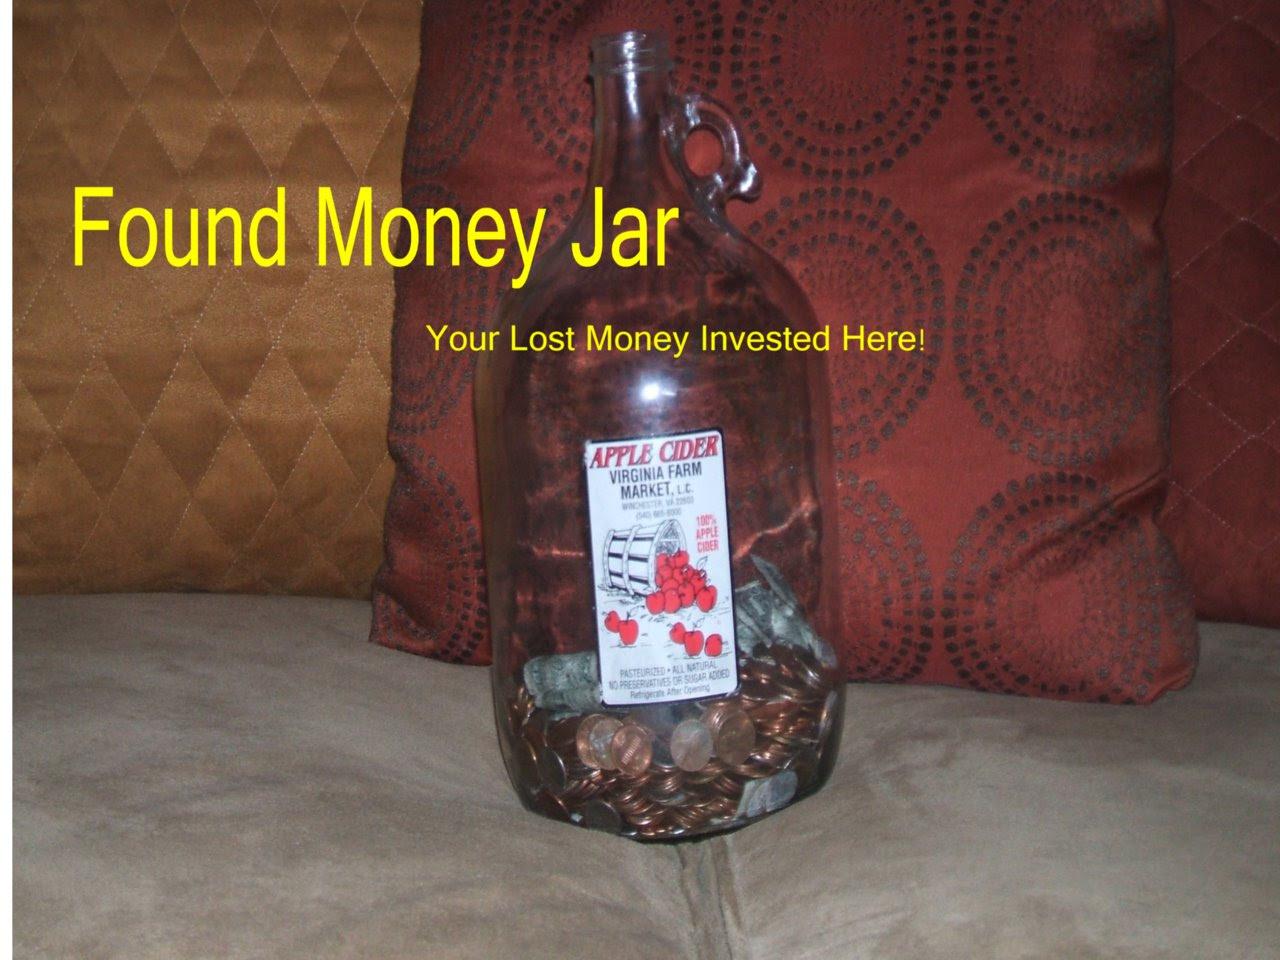 The Found Money Jar